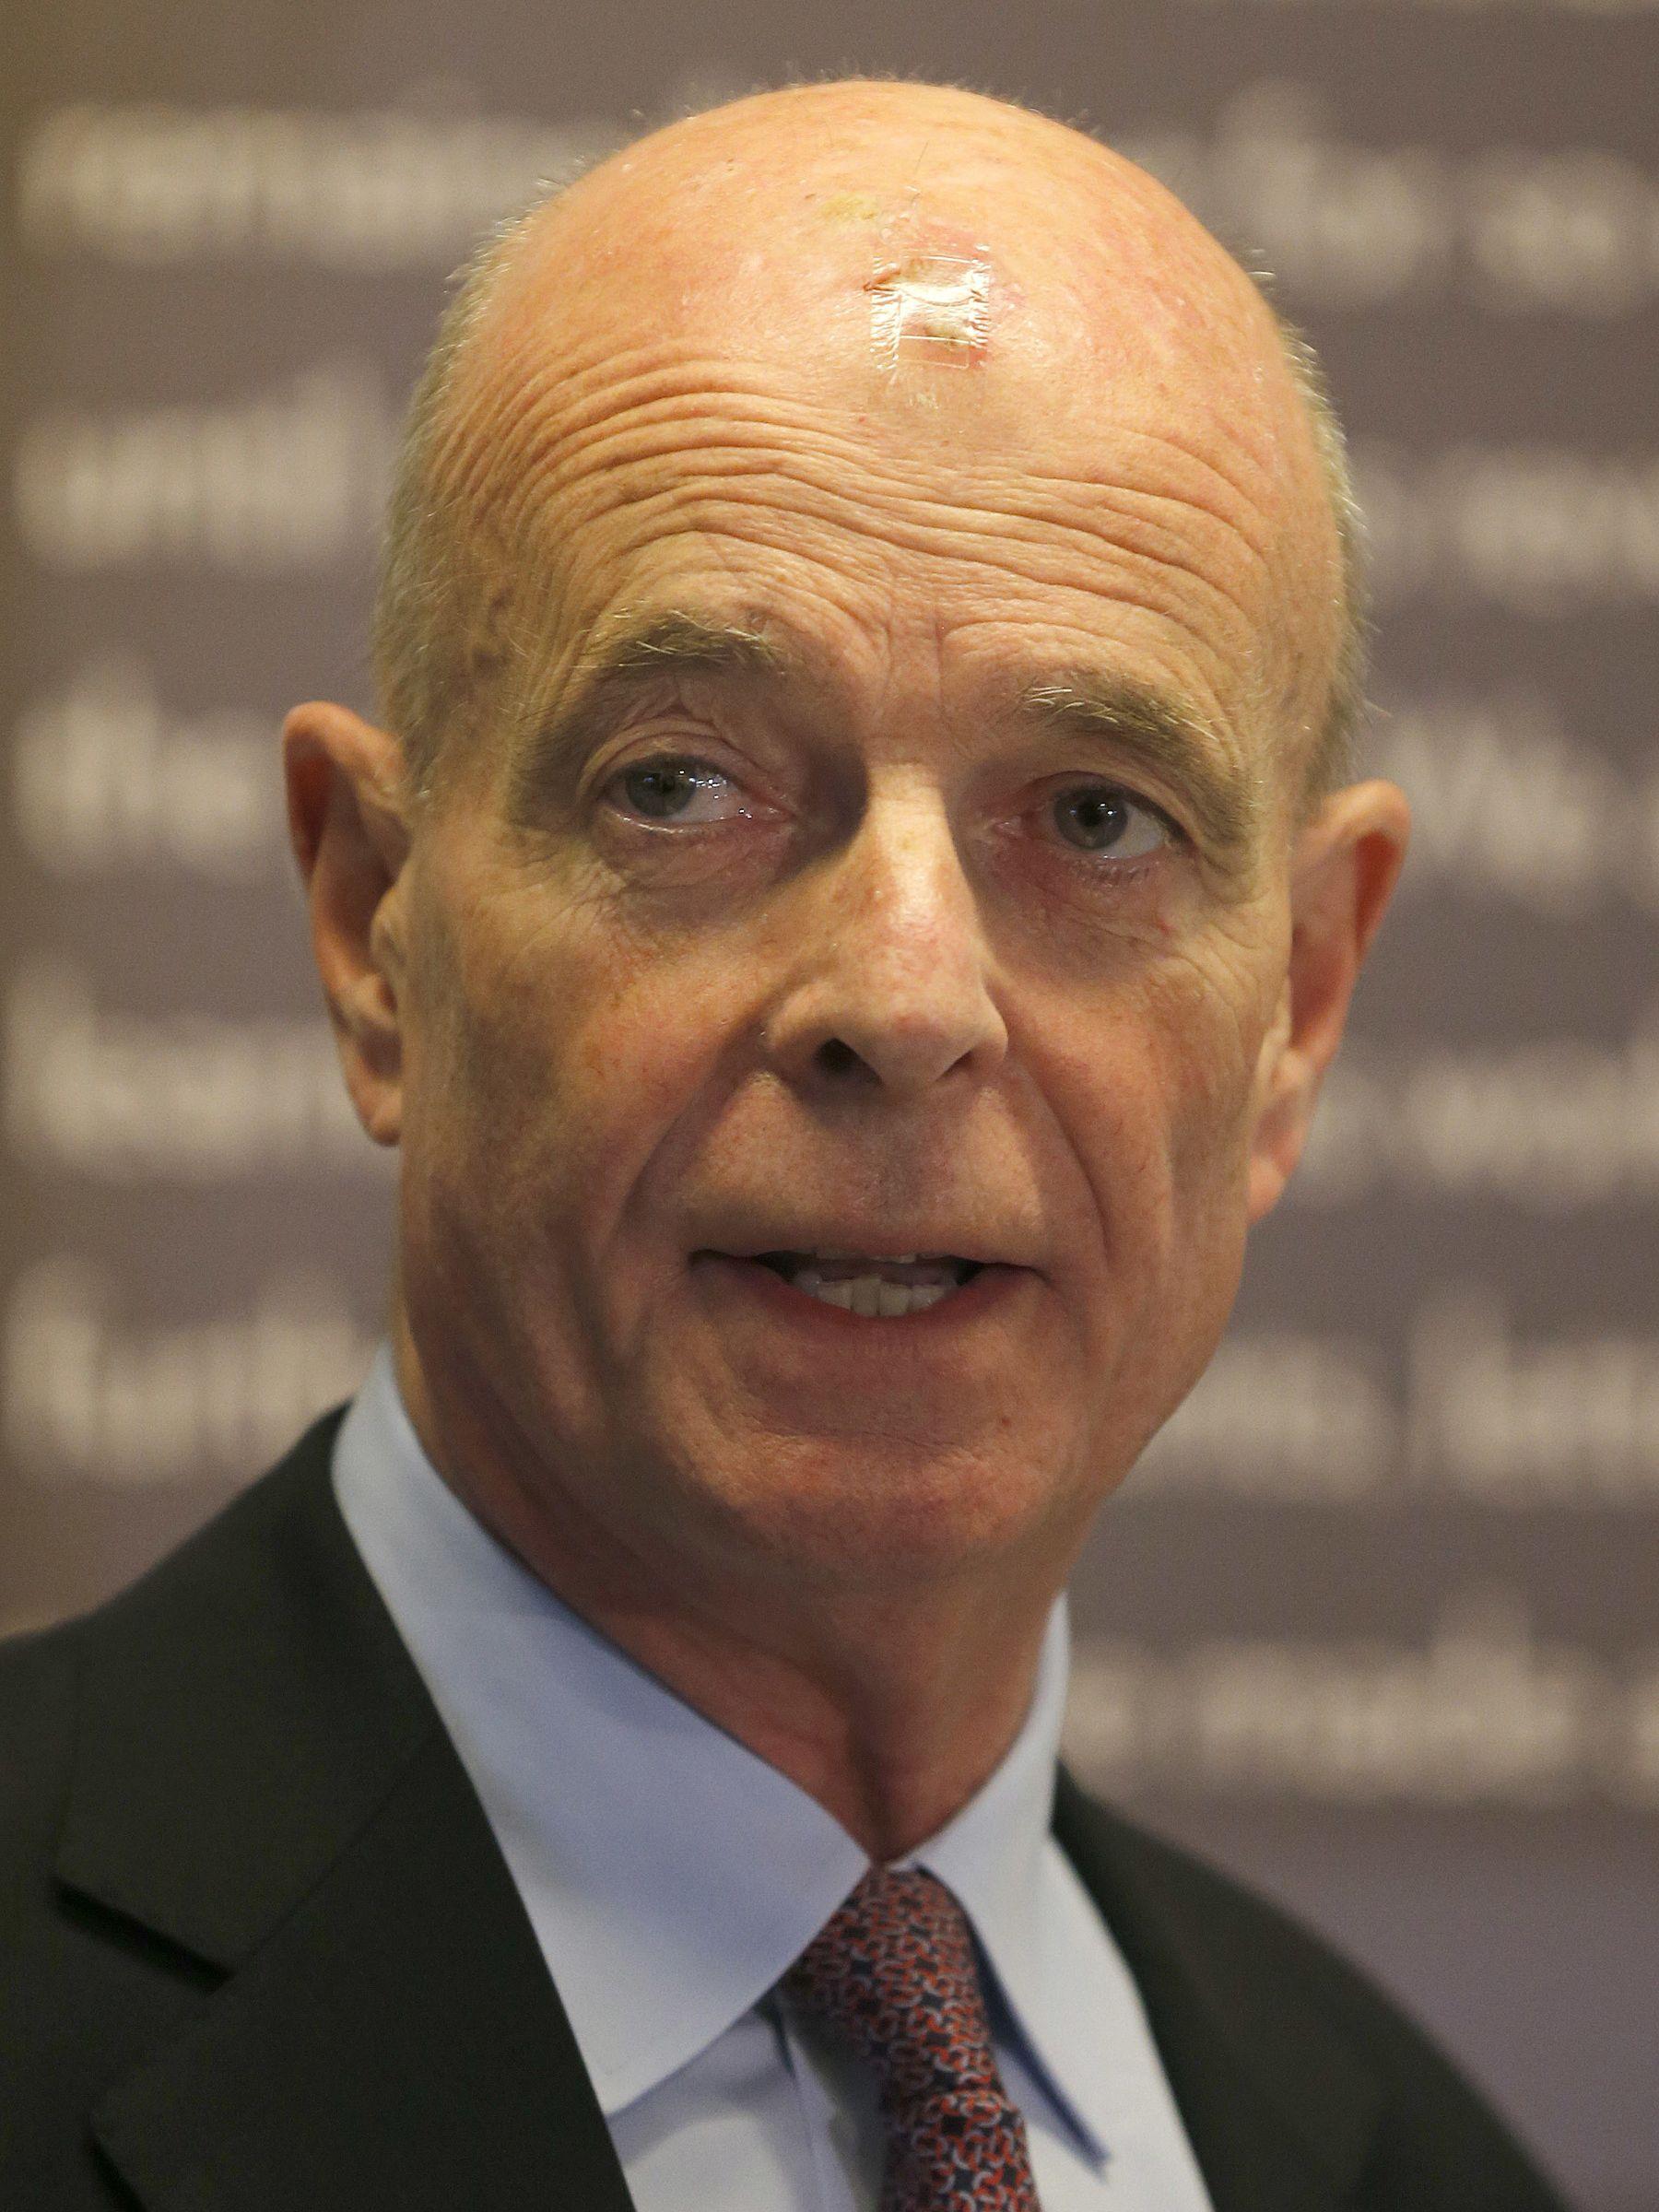 Former MI6 chief John Scarlett talks to the media as